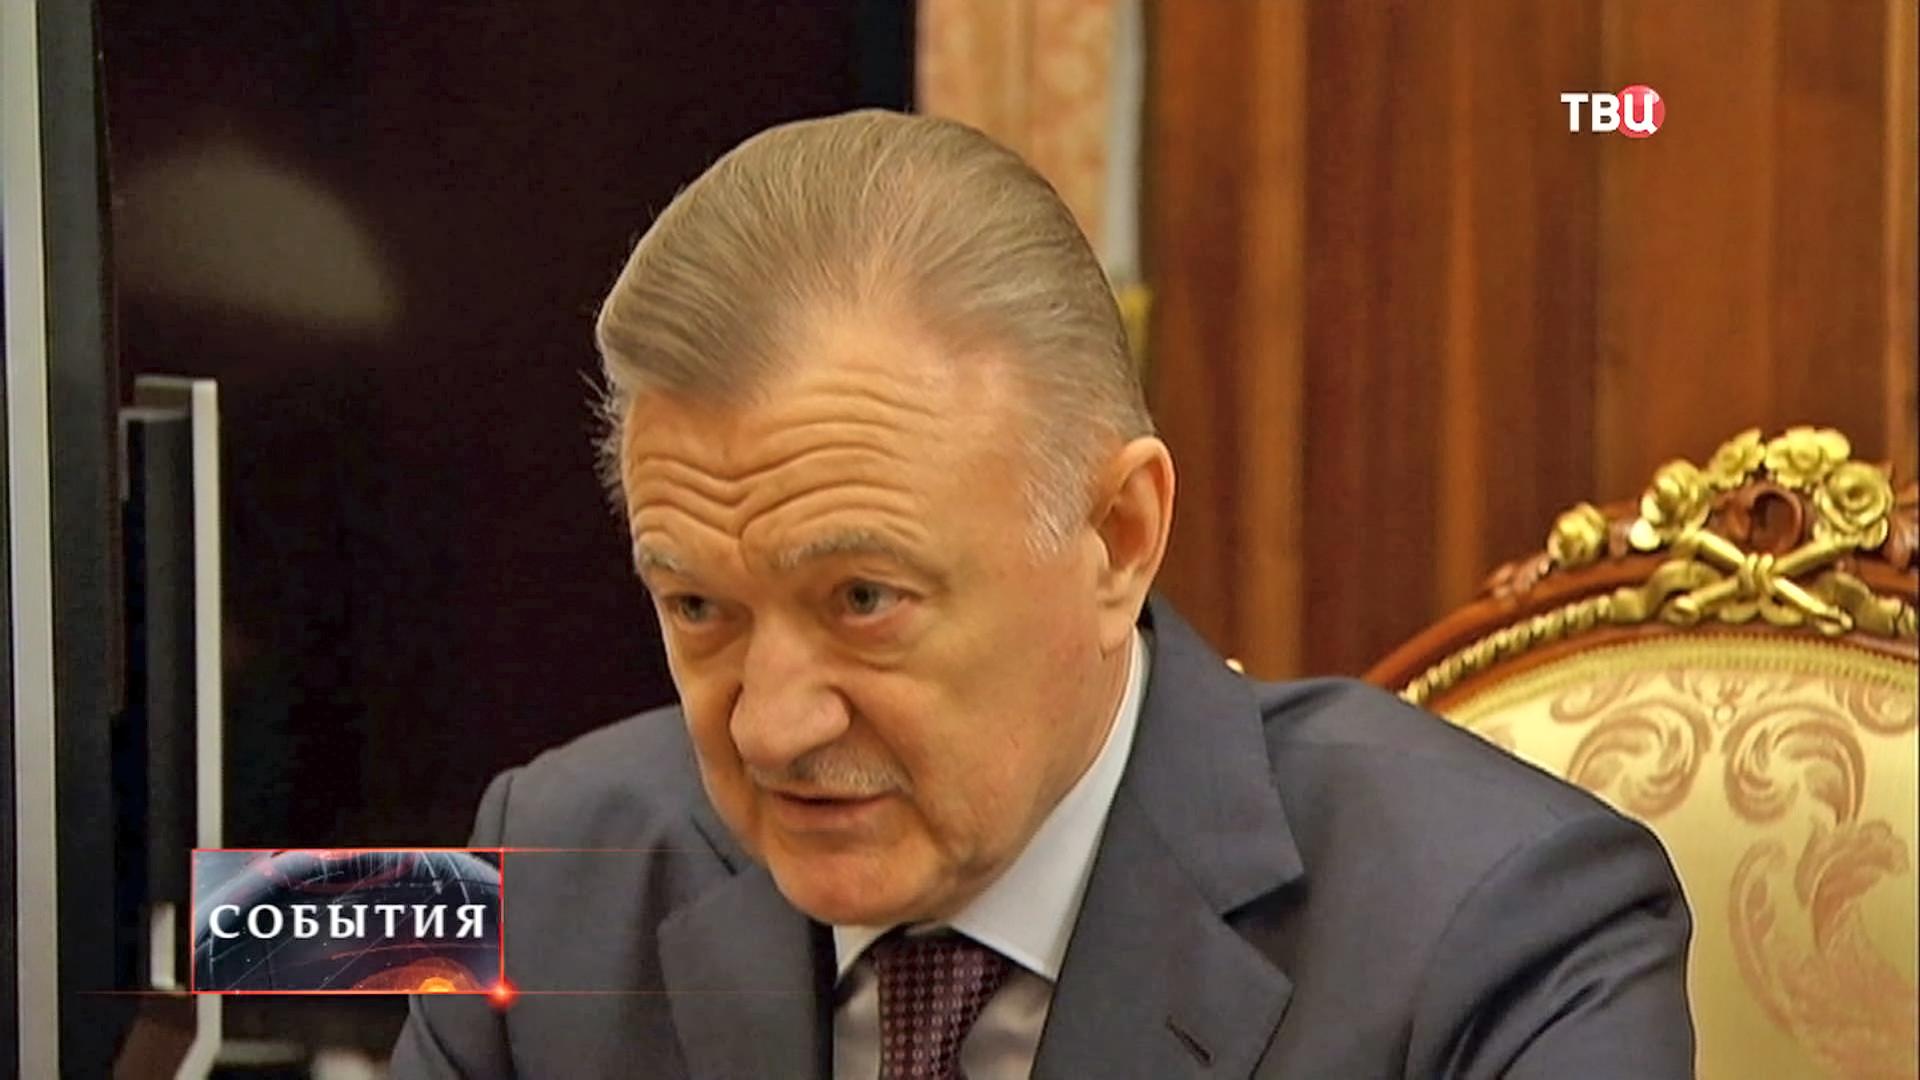 Губернатор Рязанской области Олегом Ковалевым